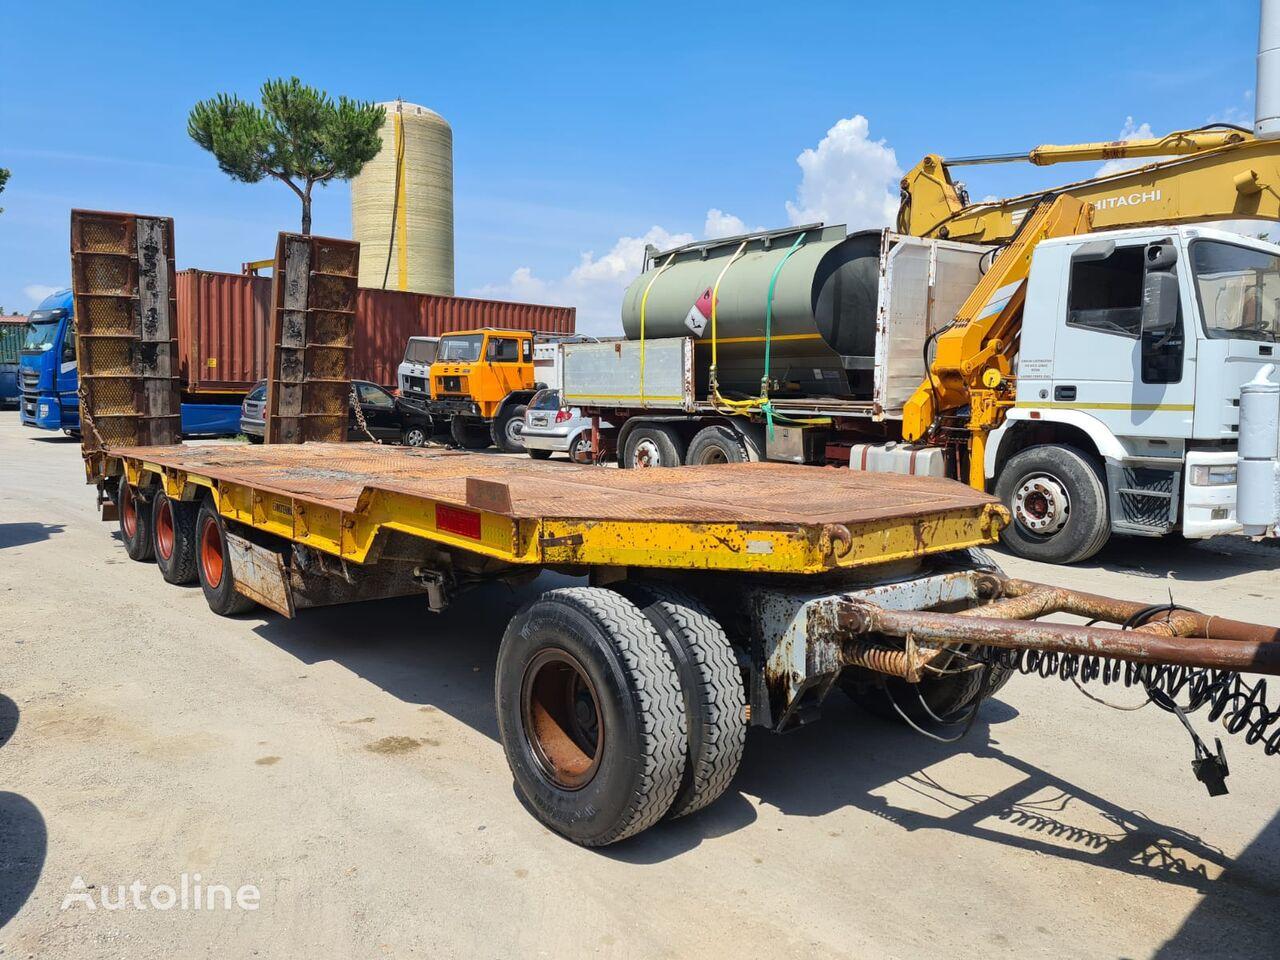 COMETTO GR4 flatbed trailer